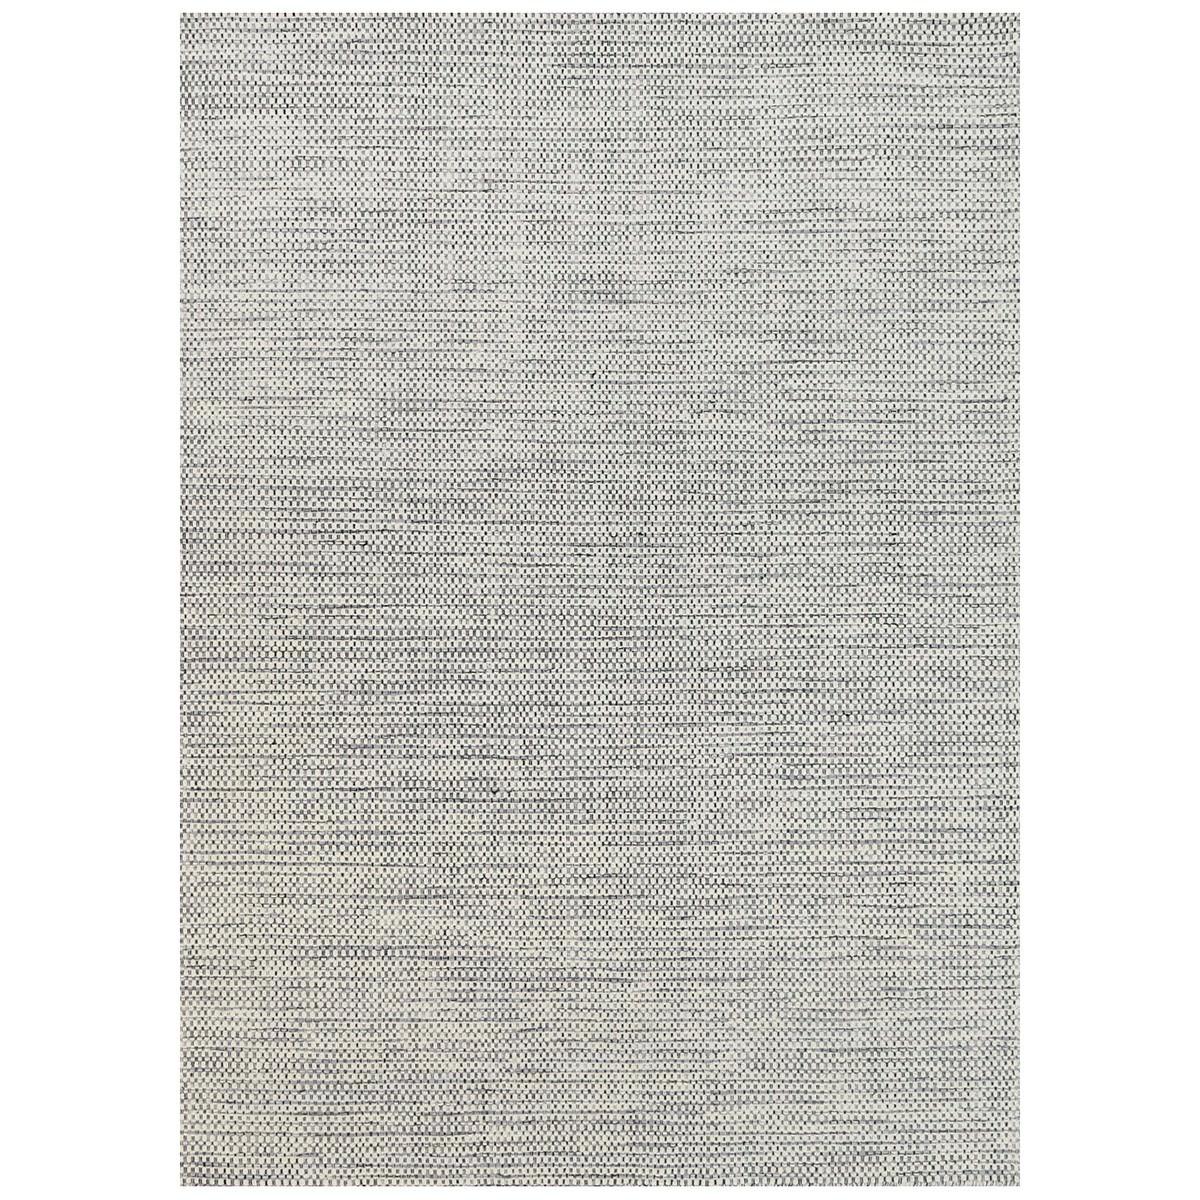 Scandi Reversible Wool Rug, 300x400cm, Grey